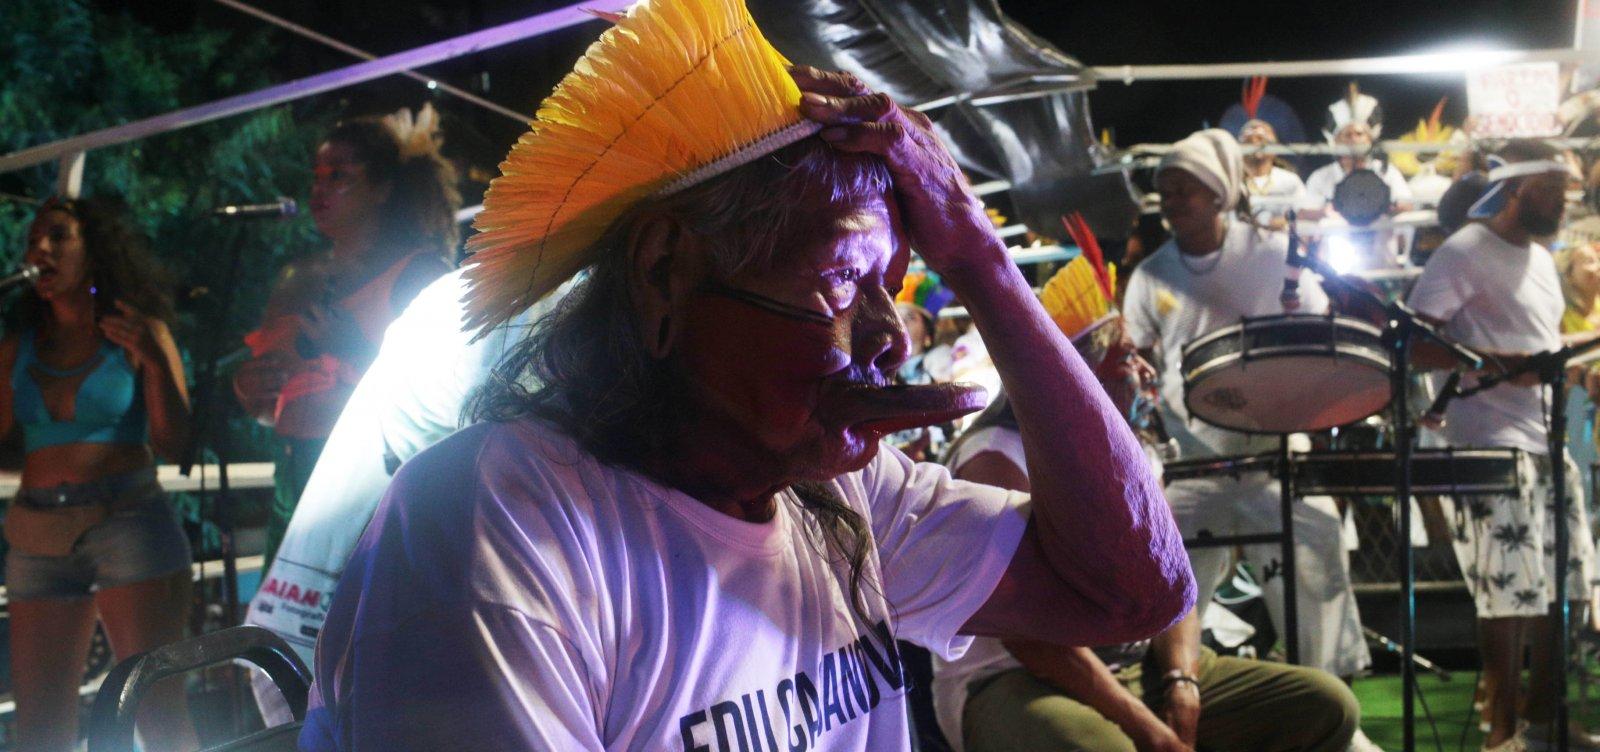 [Cacique Raoni elogia o carnaval baiano: 'celebra a alegria']